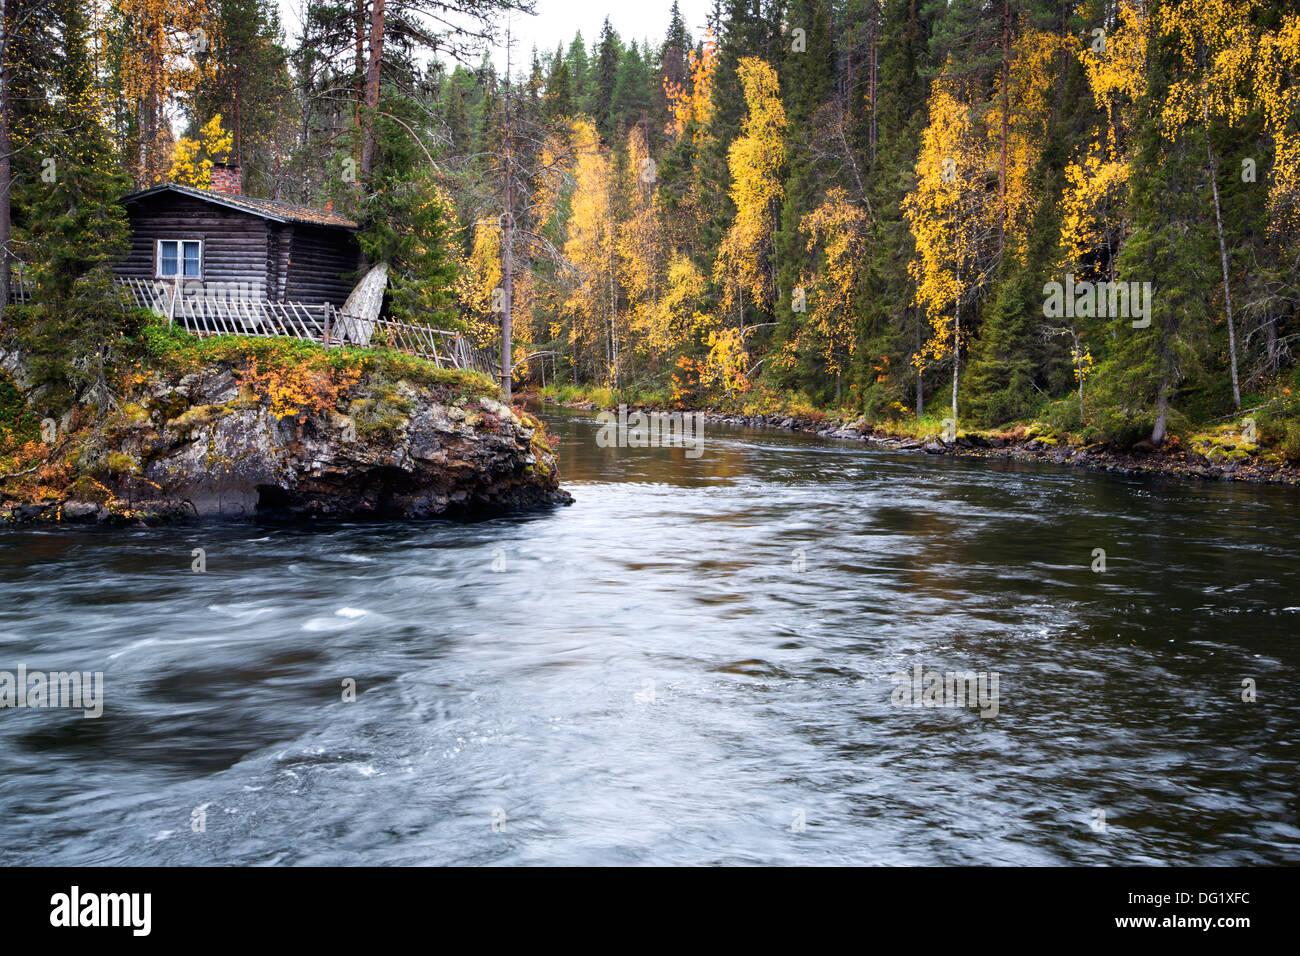 Schnell fließender Fluß ruhig an breitere Stelle Stockbild